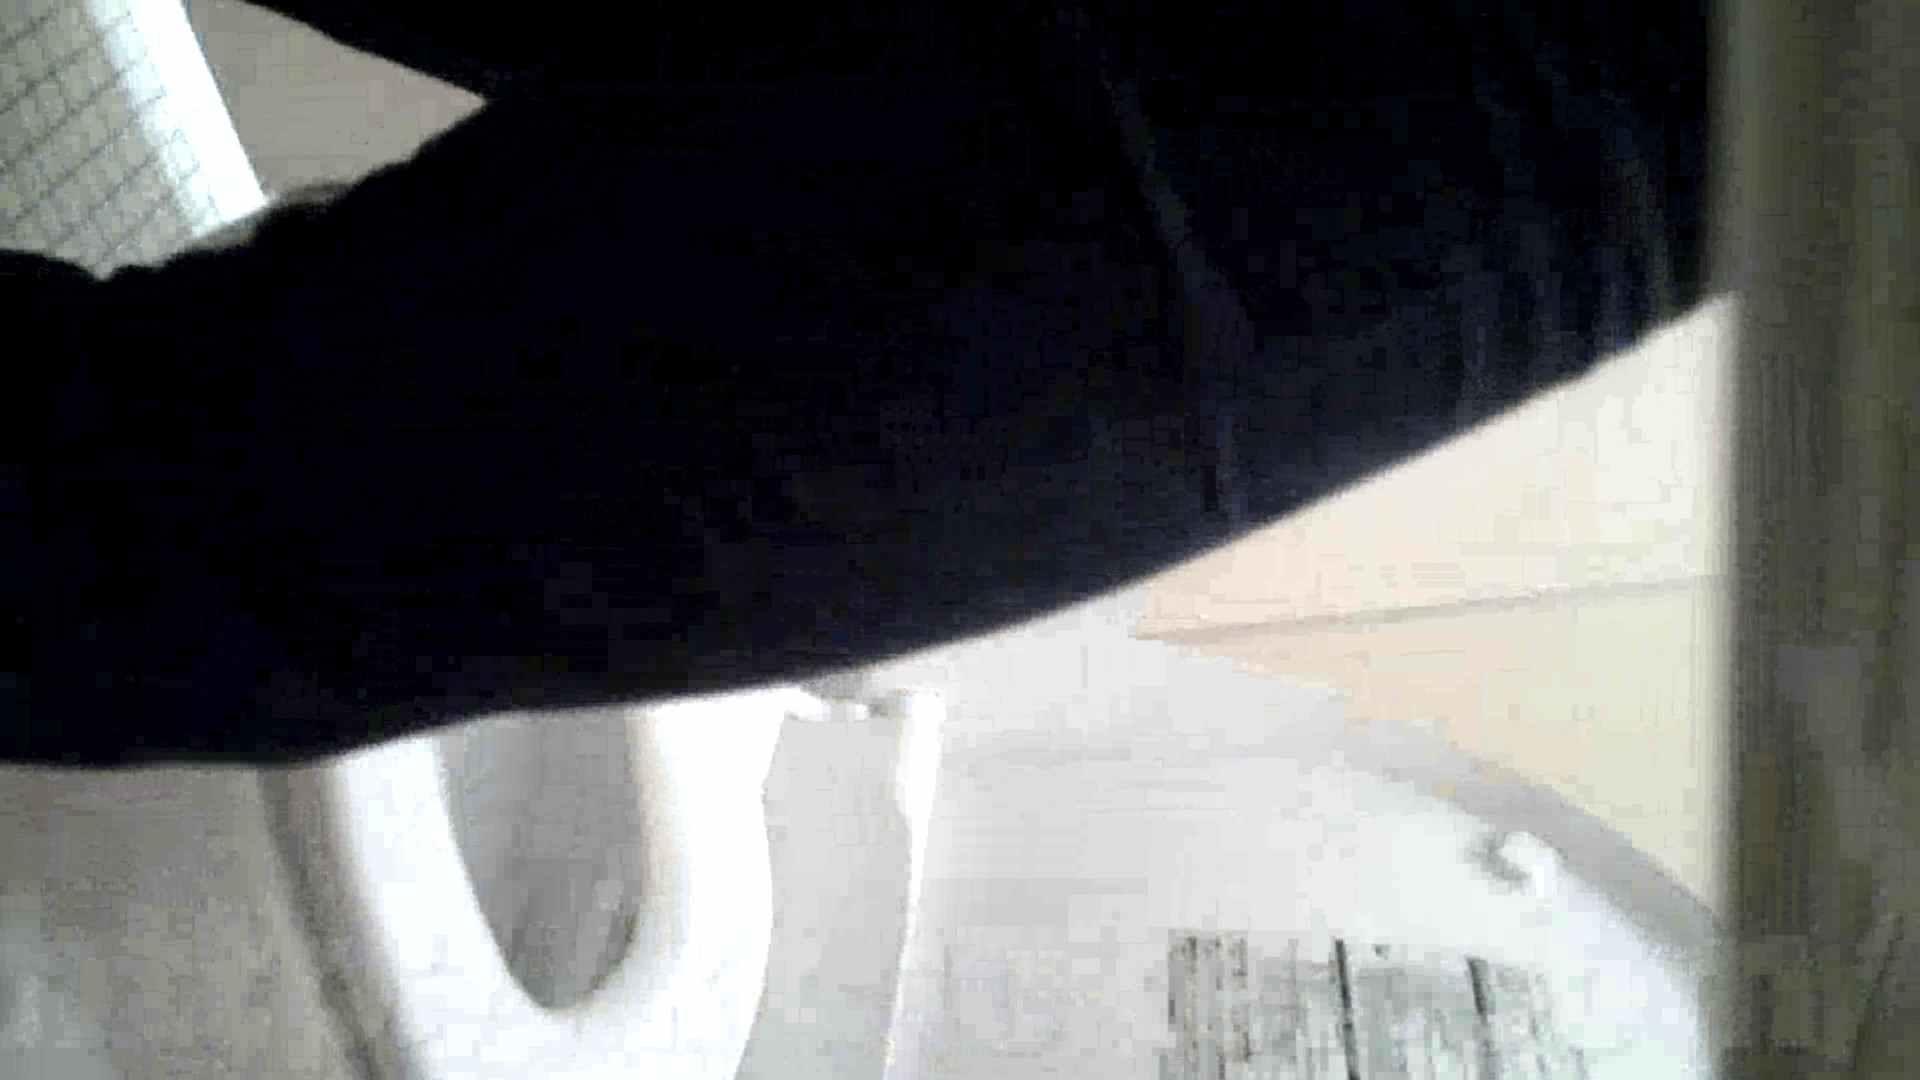 某有名大学女性洗面所 vol.27 潜入 AV動画キャプチャ 106PIX 72